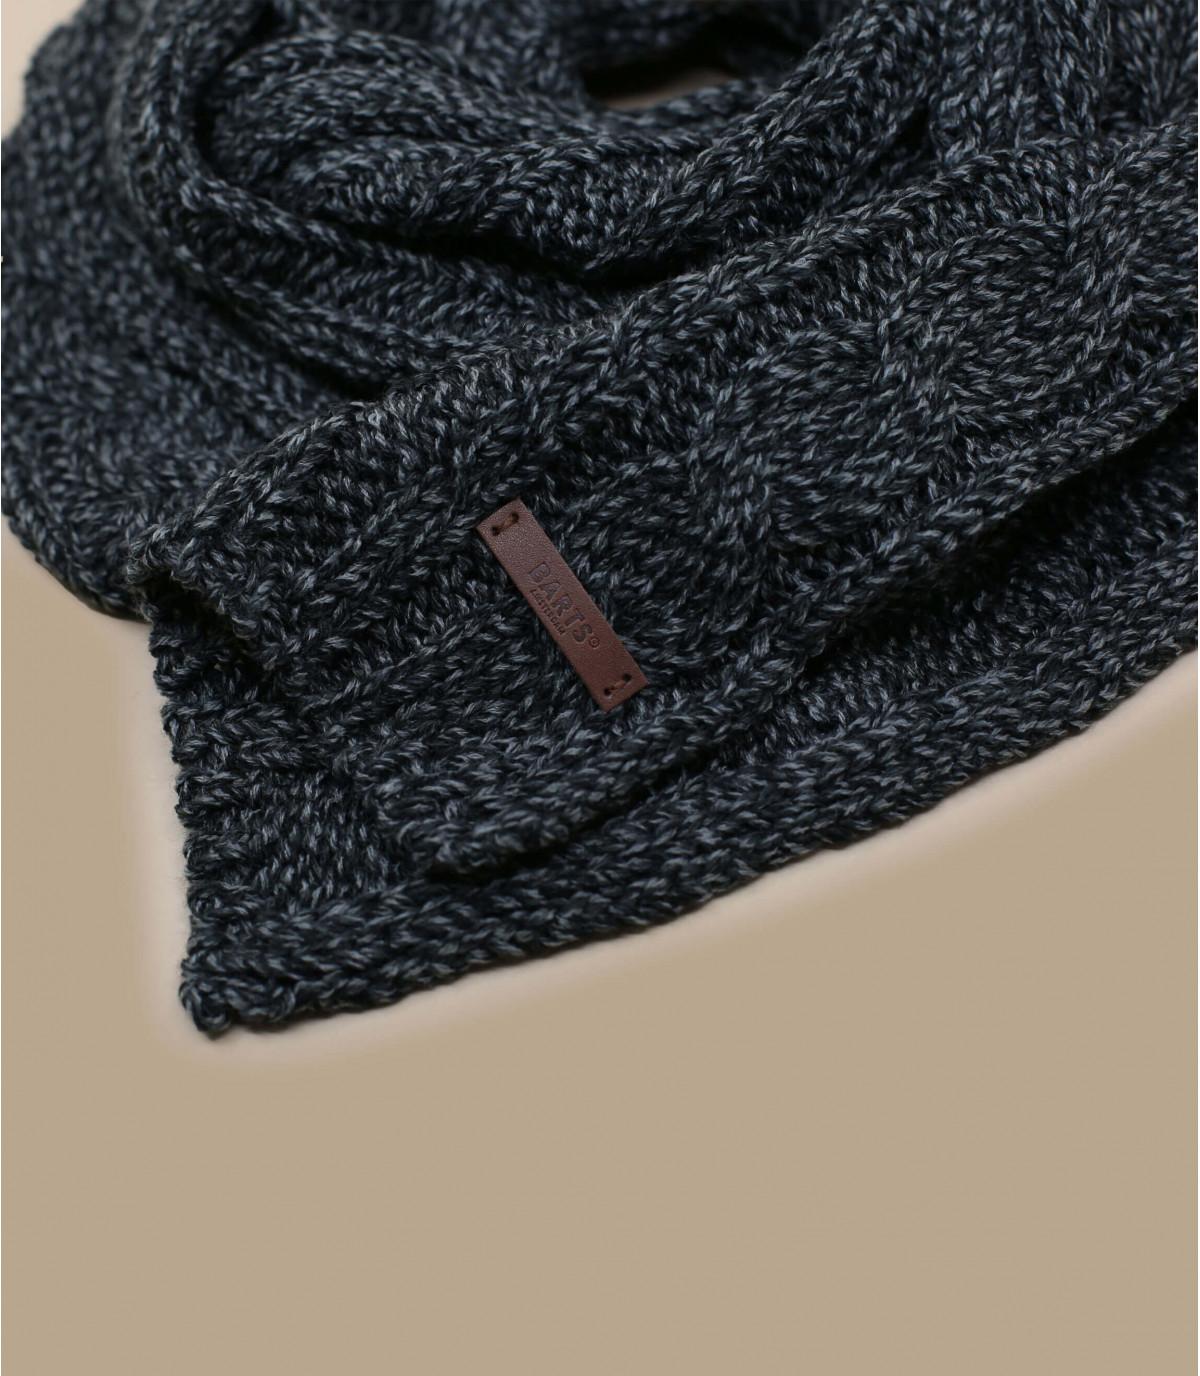 zwarte sjaal verdraaid